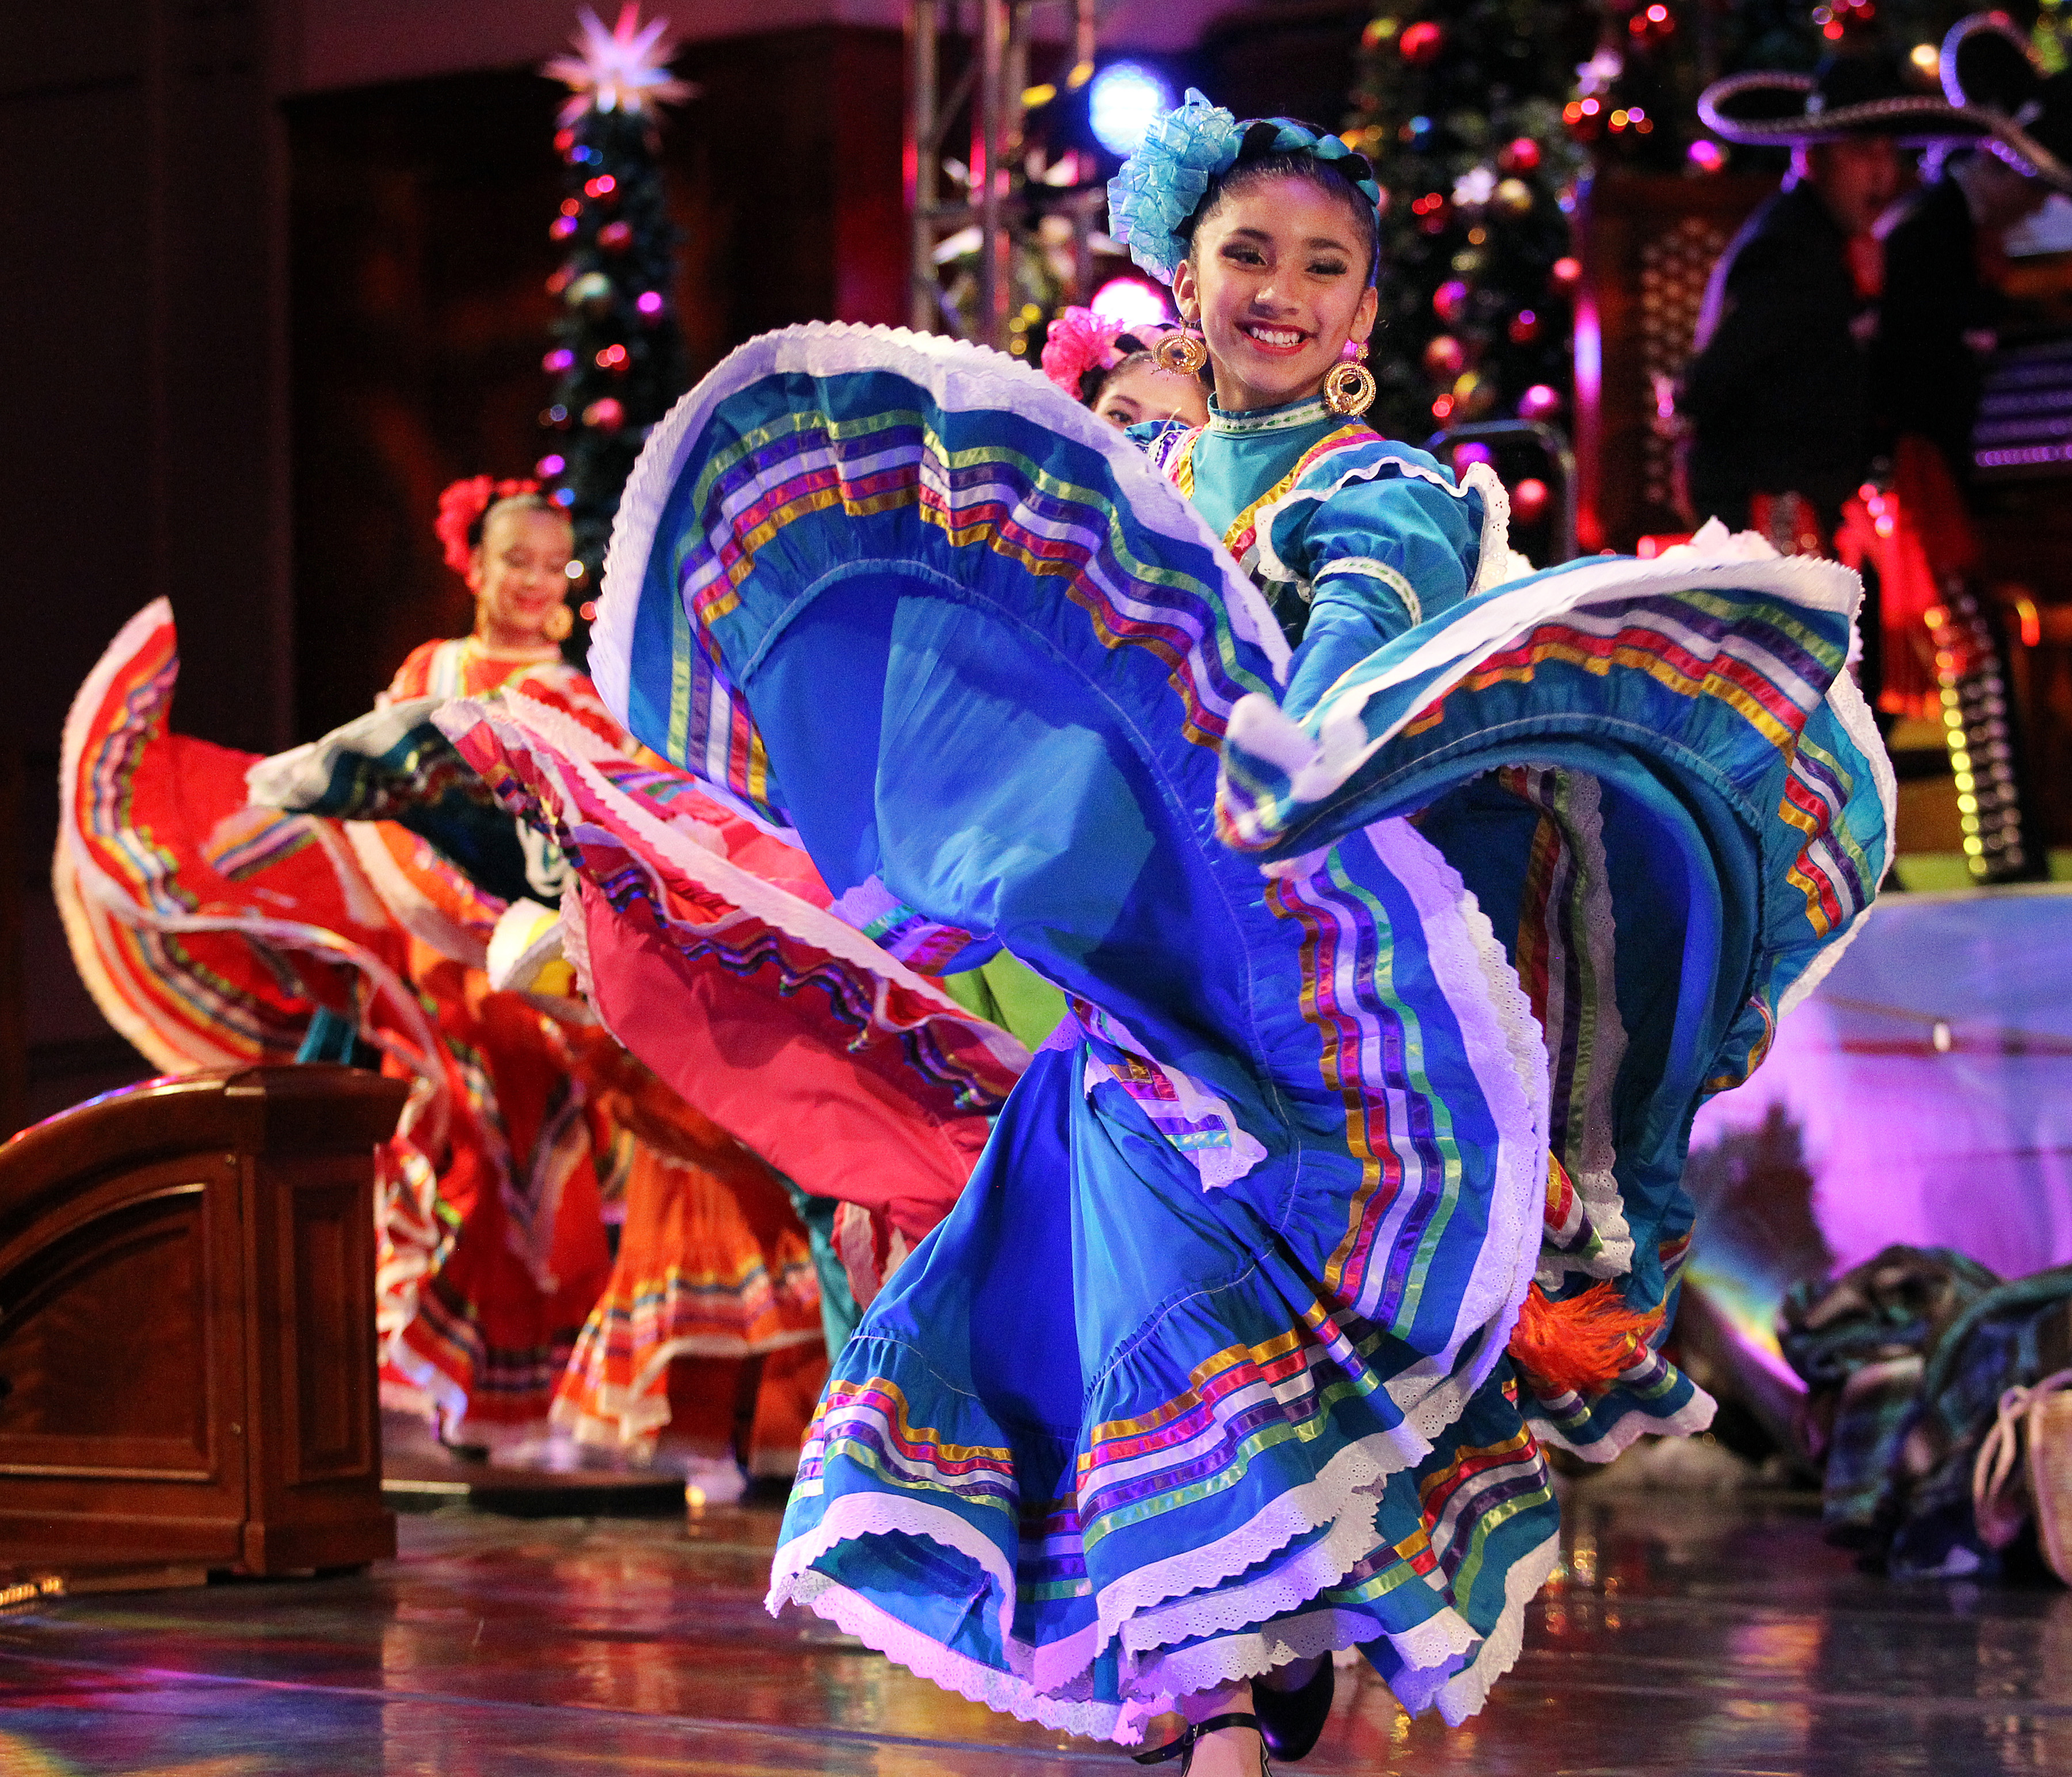 Christmas In Latin America.Luz De Las Naciones Celebrates Christmas Traditions Of